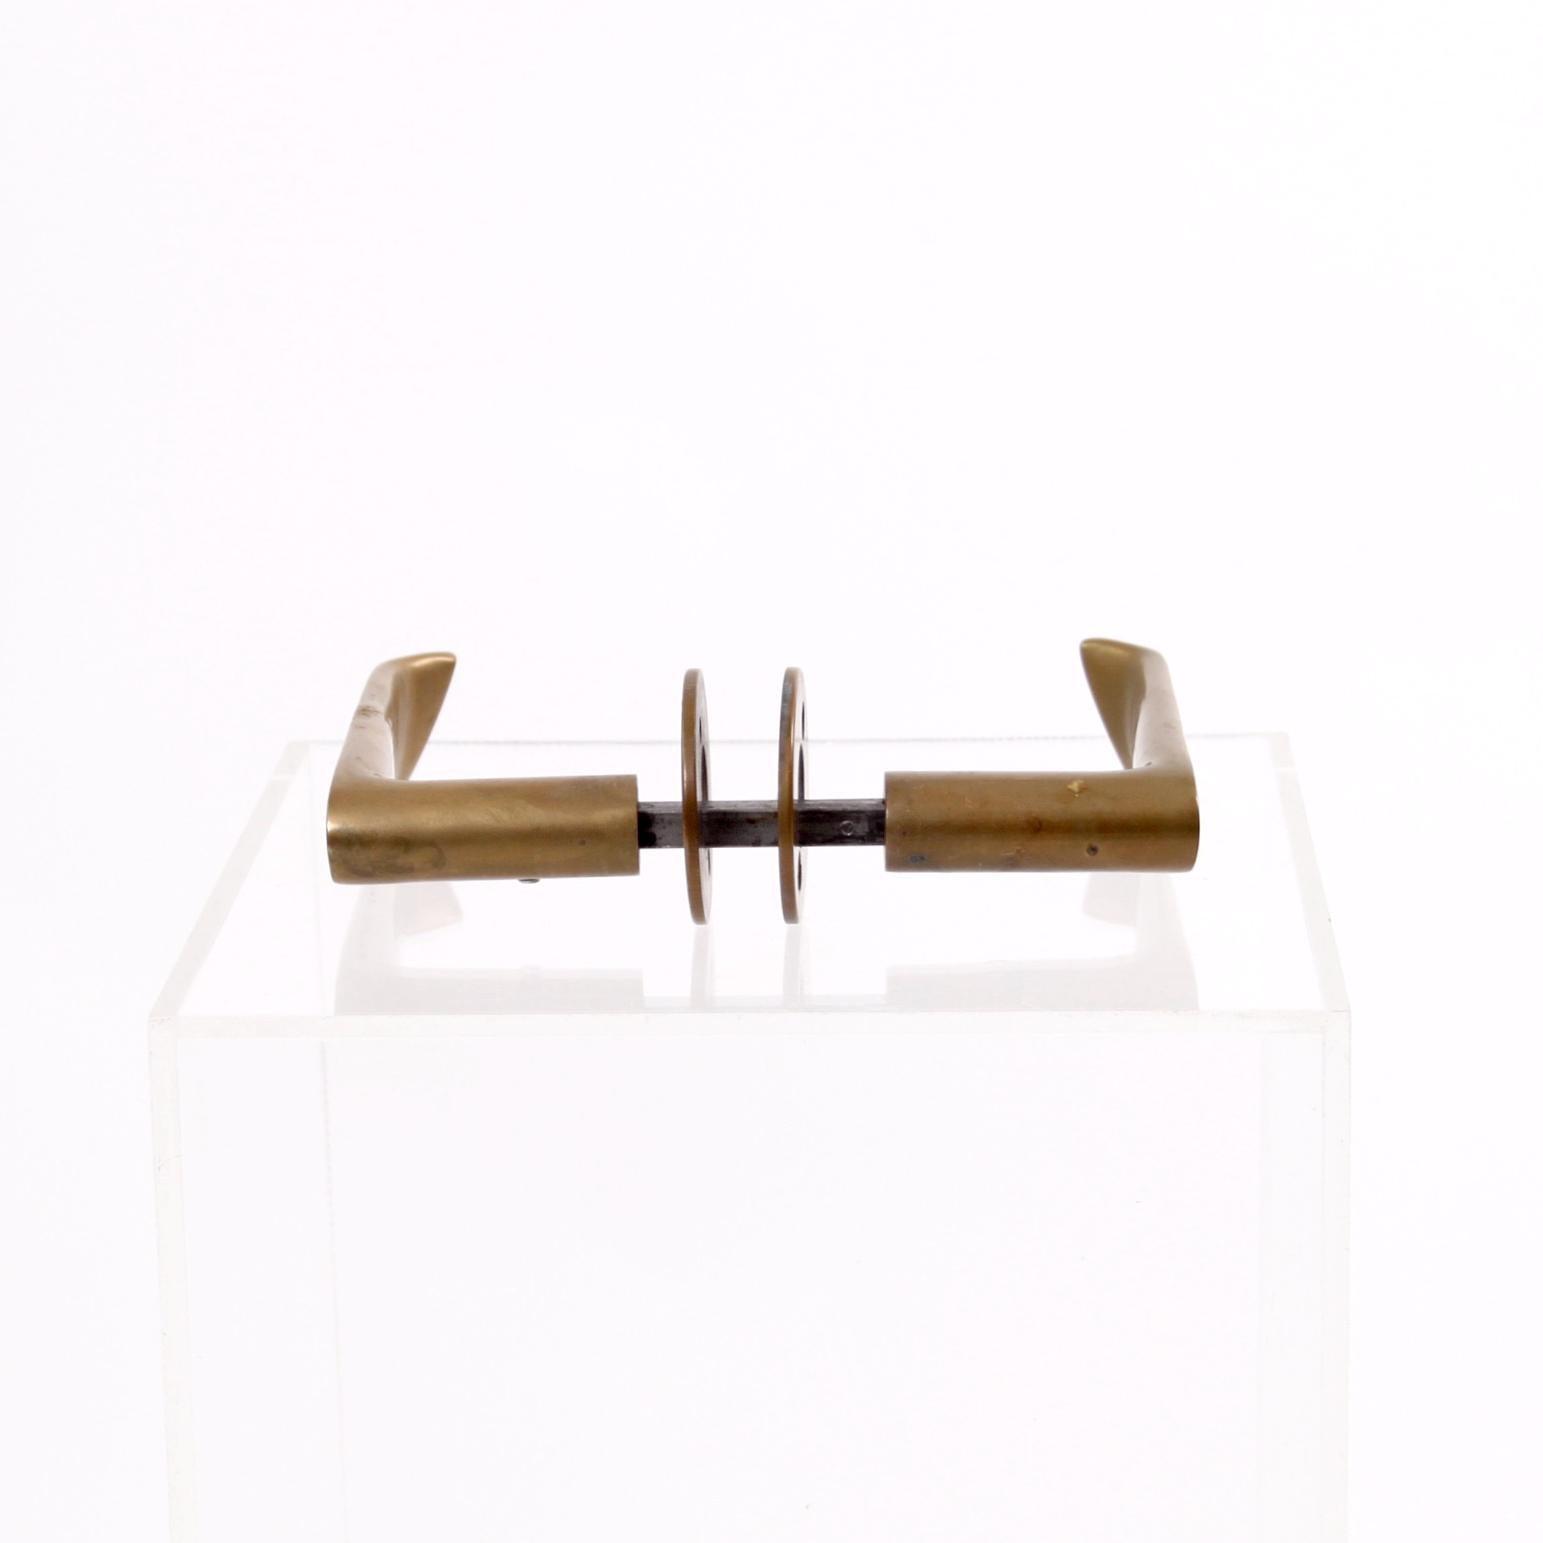 Twelve Sculptural Brass Door Handles By Alvar Aalto